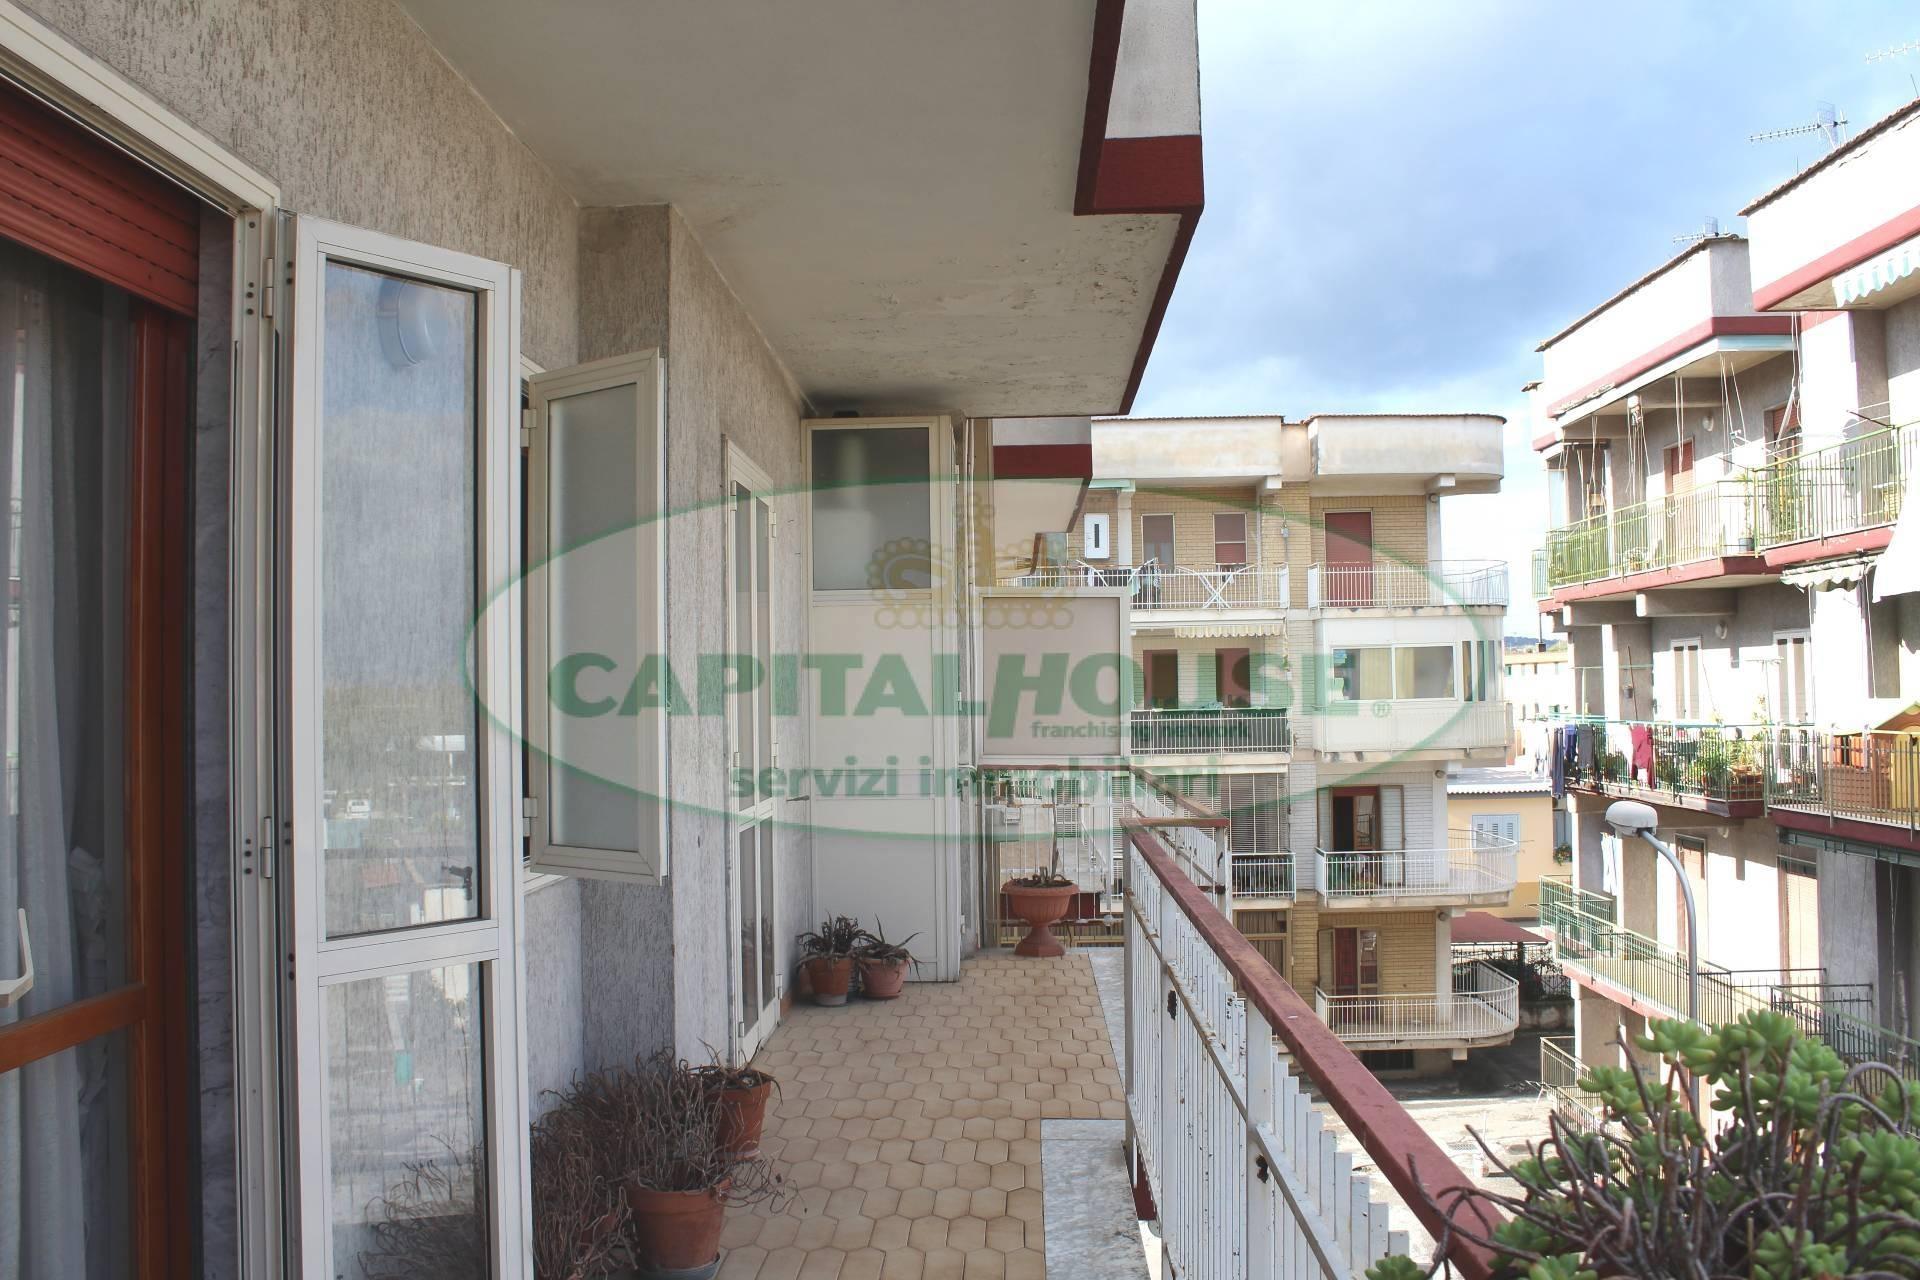 Appartamento in vendita a San Gennaro Vesuviano, 3 locali, prezzo € 140.000 | CambioCasa.it